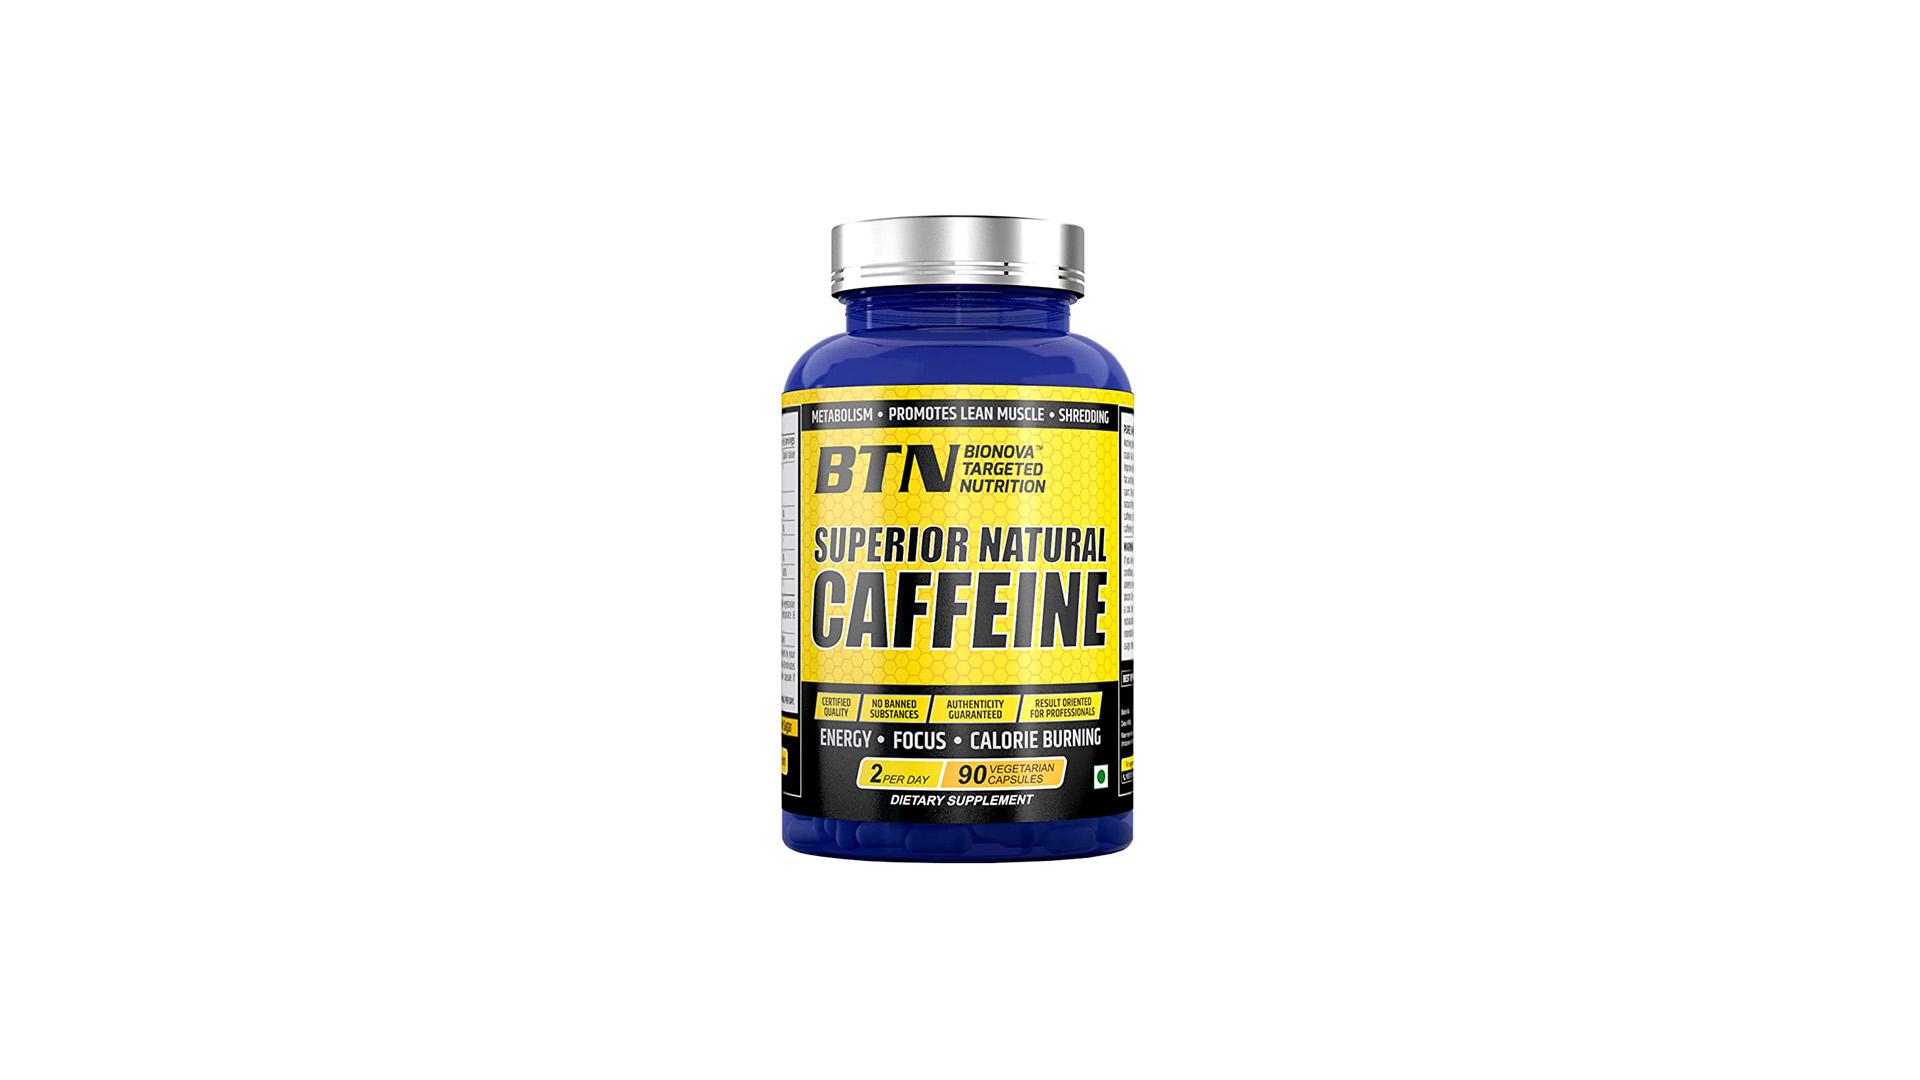 BTN Superior Natural Caffeine Supplement